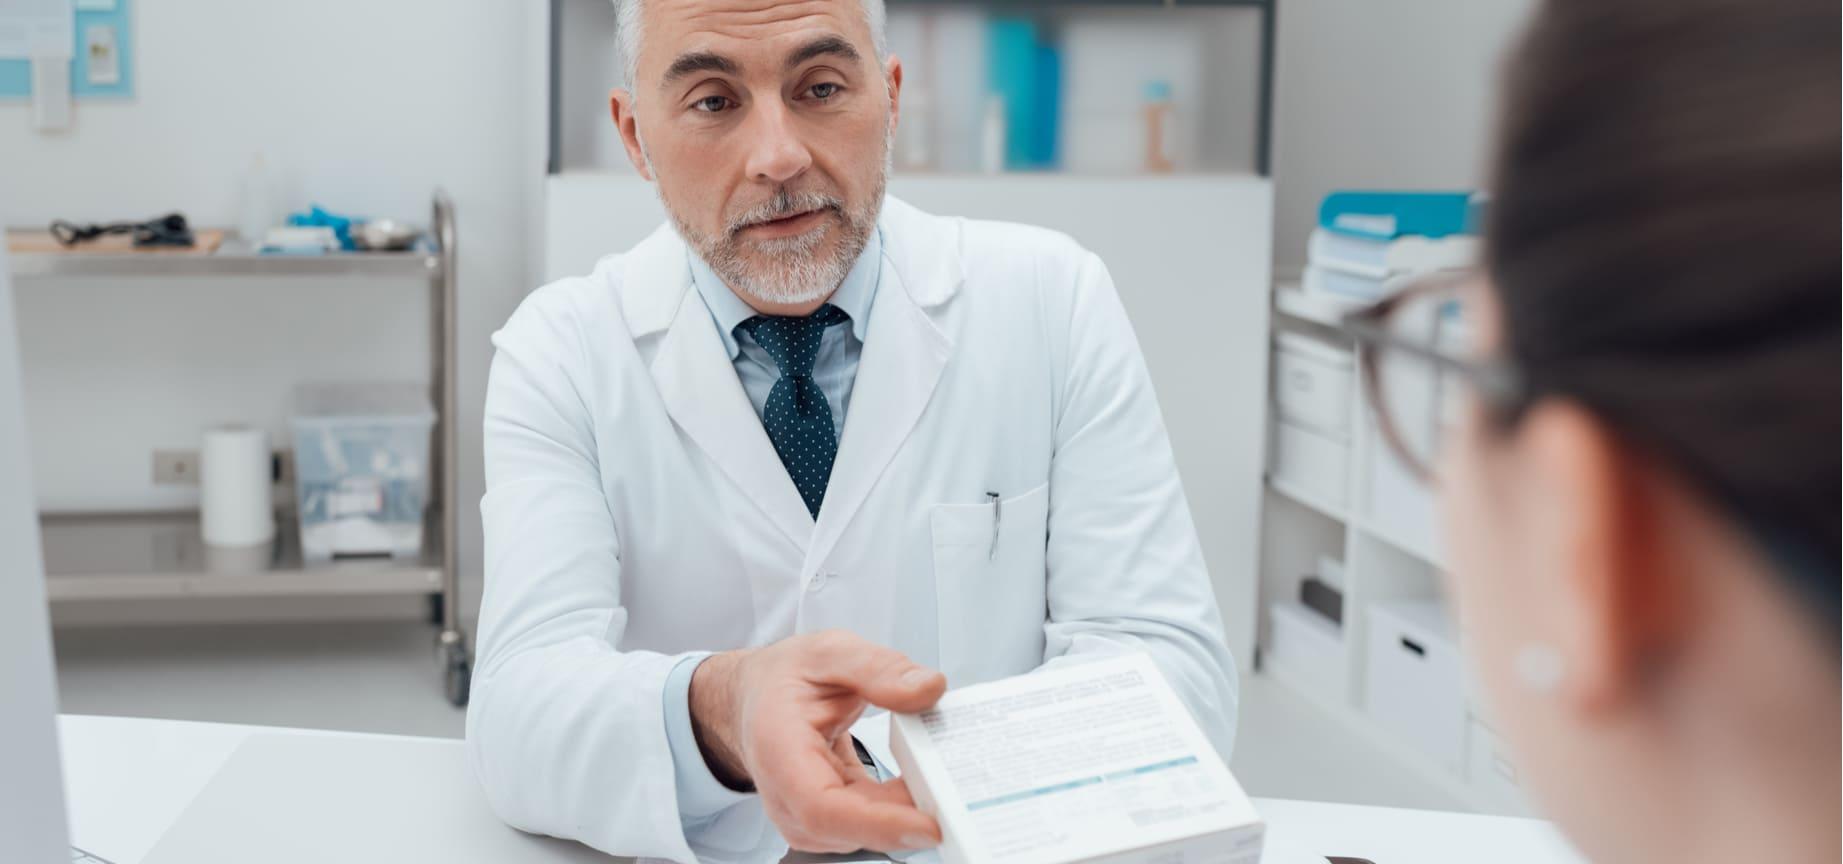 Tratamiento anticoagulante para la fibrilación atrial durante la pandemia